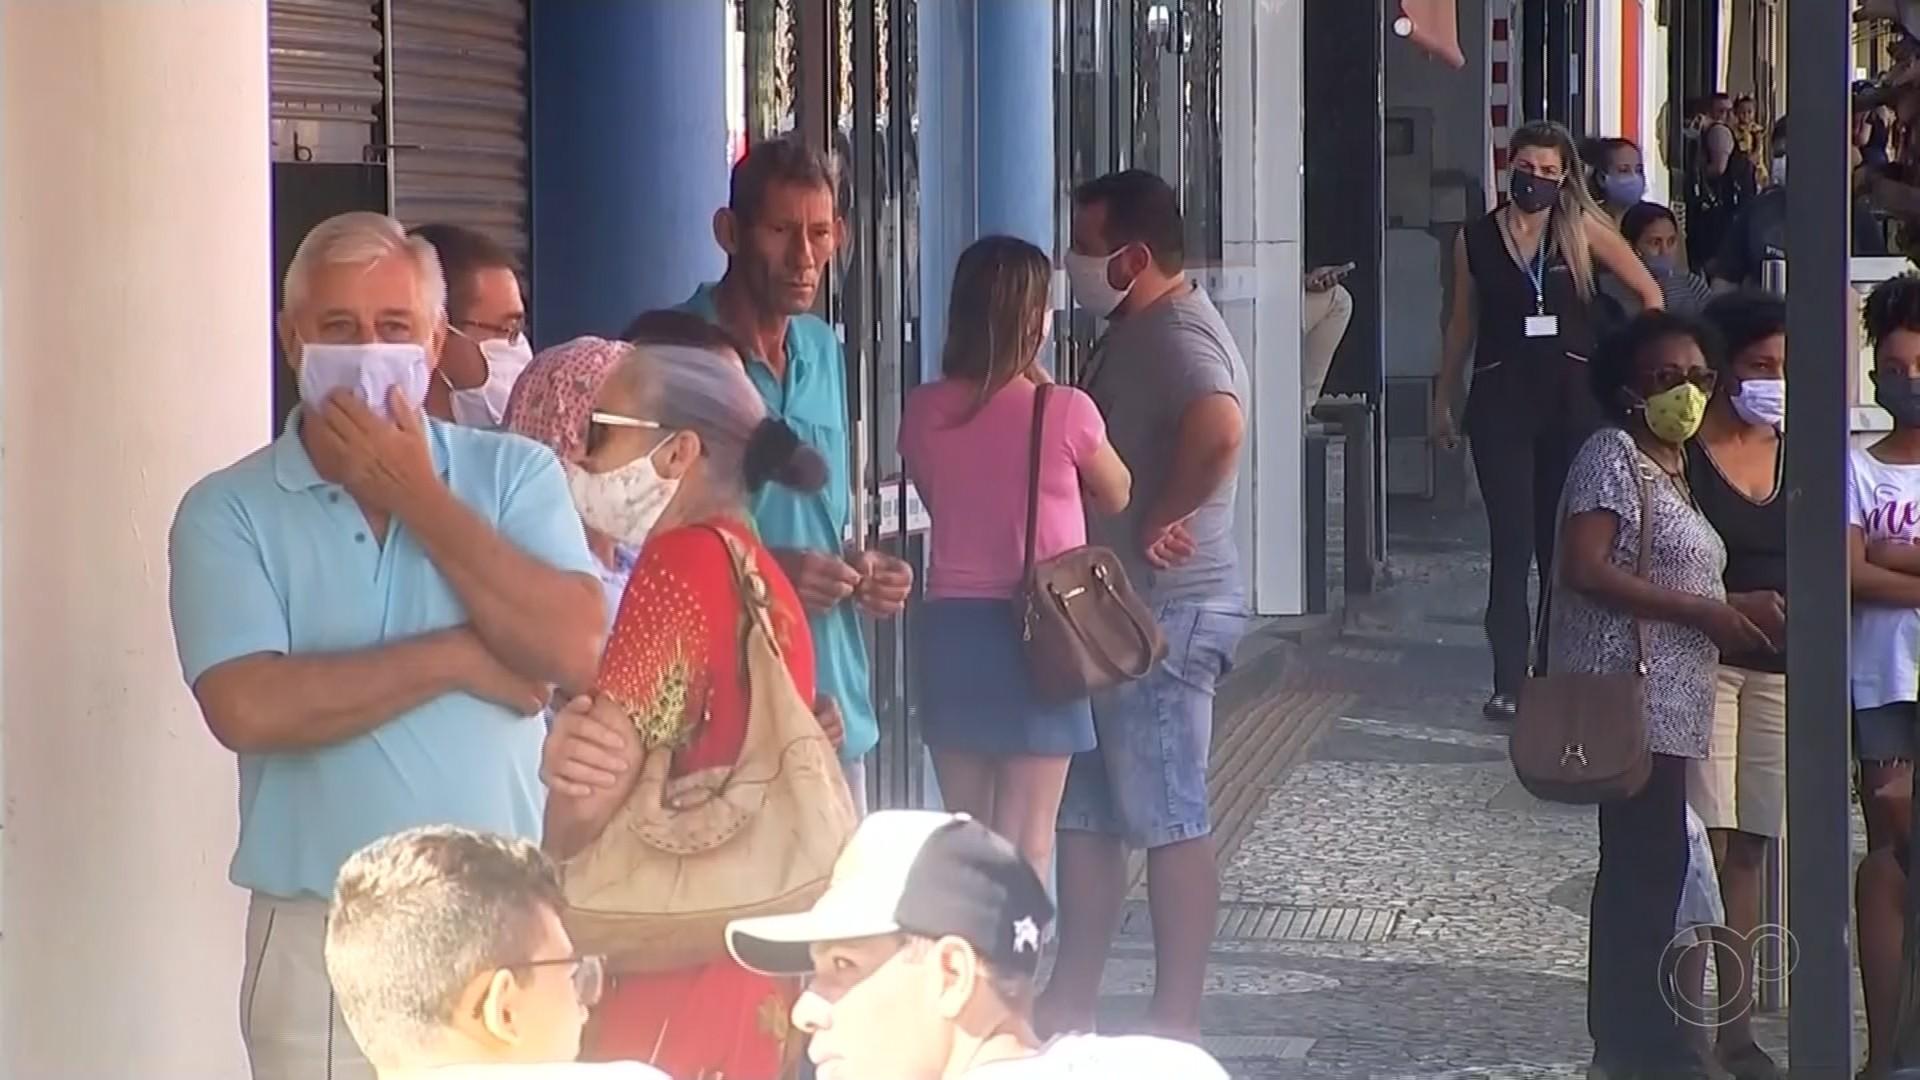 VÍDEOS: TEM Notícias 2ª edição de Rio Preto e Araçatuba deste sábado, 25 de abril